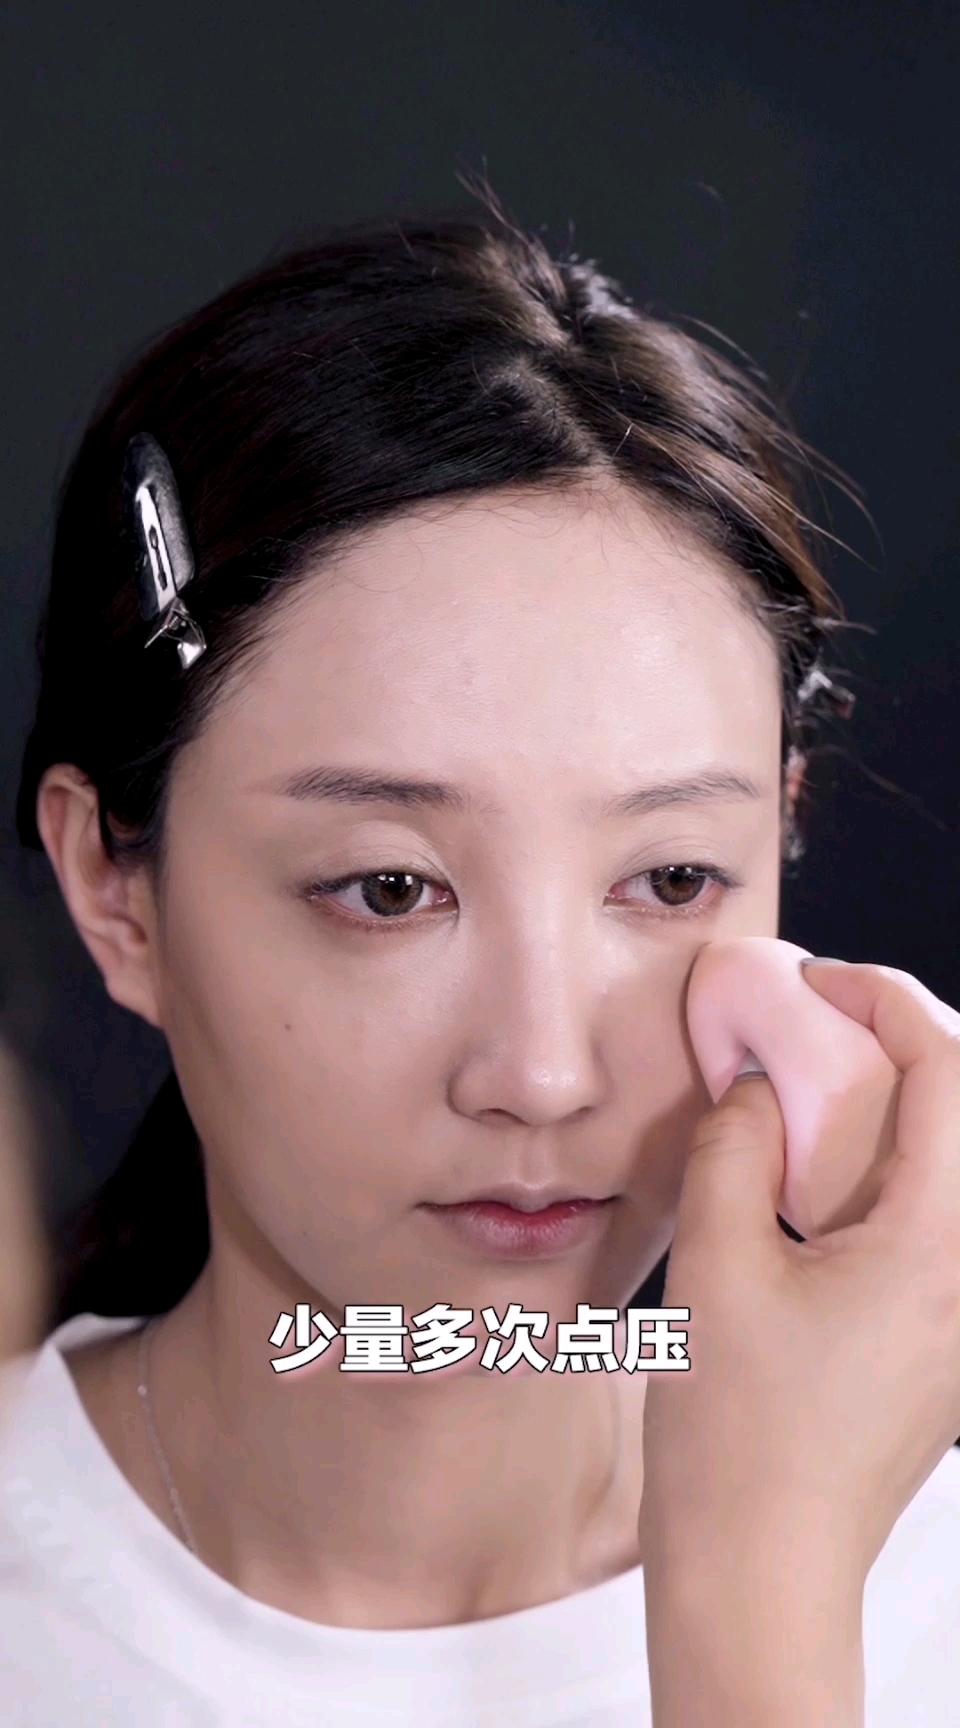 超实用美妆教程来袭!肤色不均怎么办?一瓶粉底帮你搞定! #美妆# 你们最大的肌肤困扰是什么?